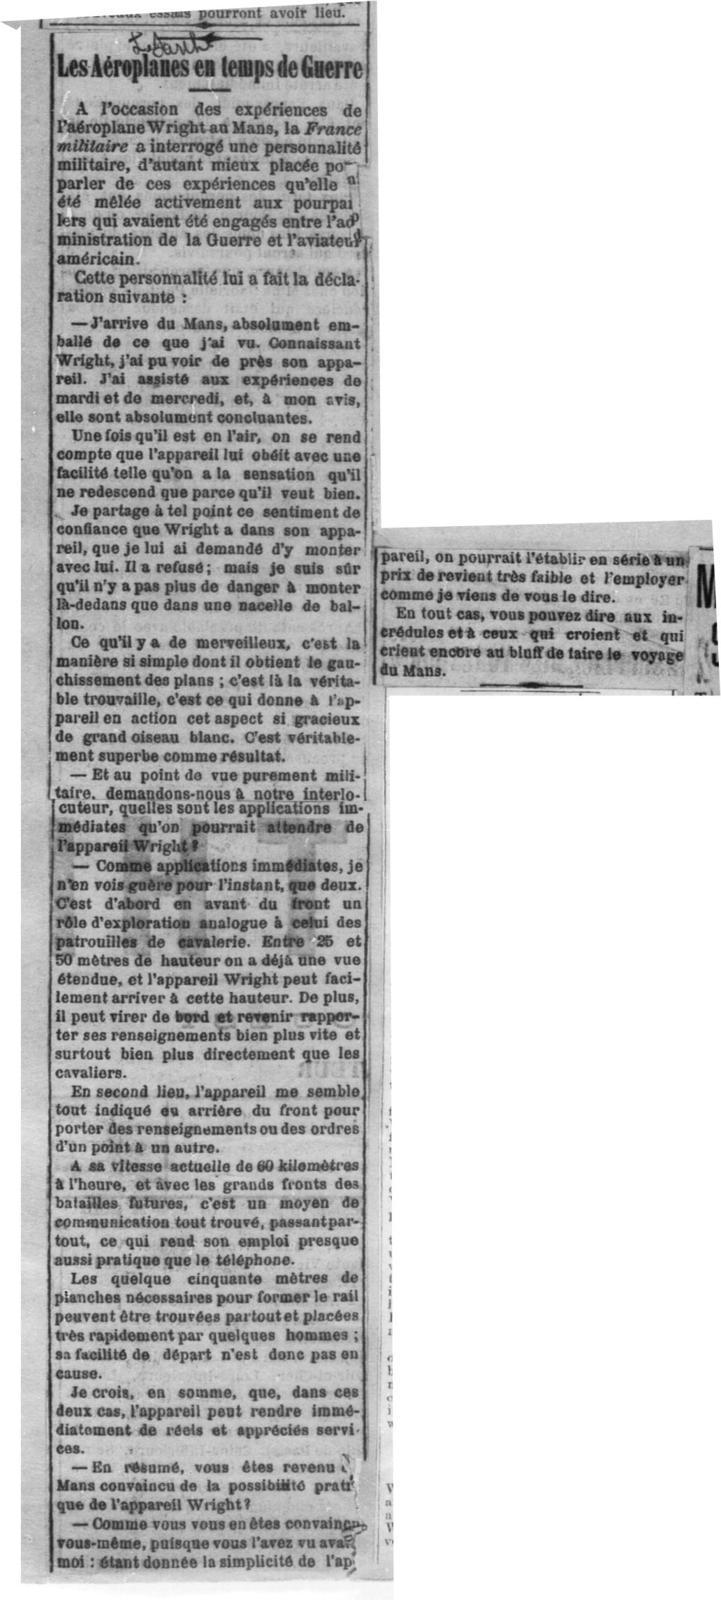 Wilbur Wright a repris hier ses experiences [Echo de Paris, 22 August 1908]